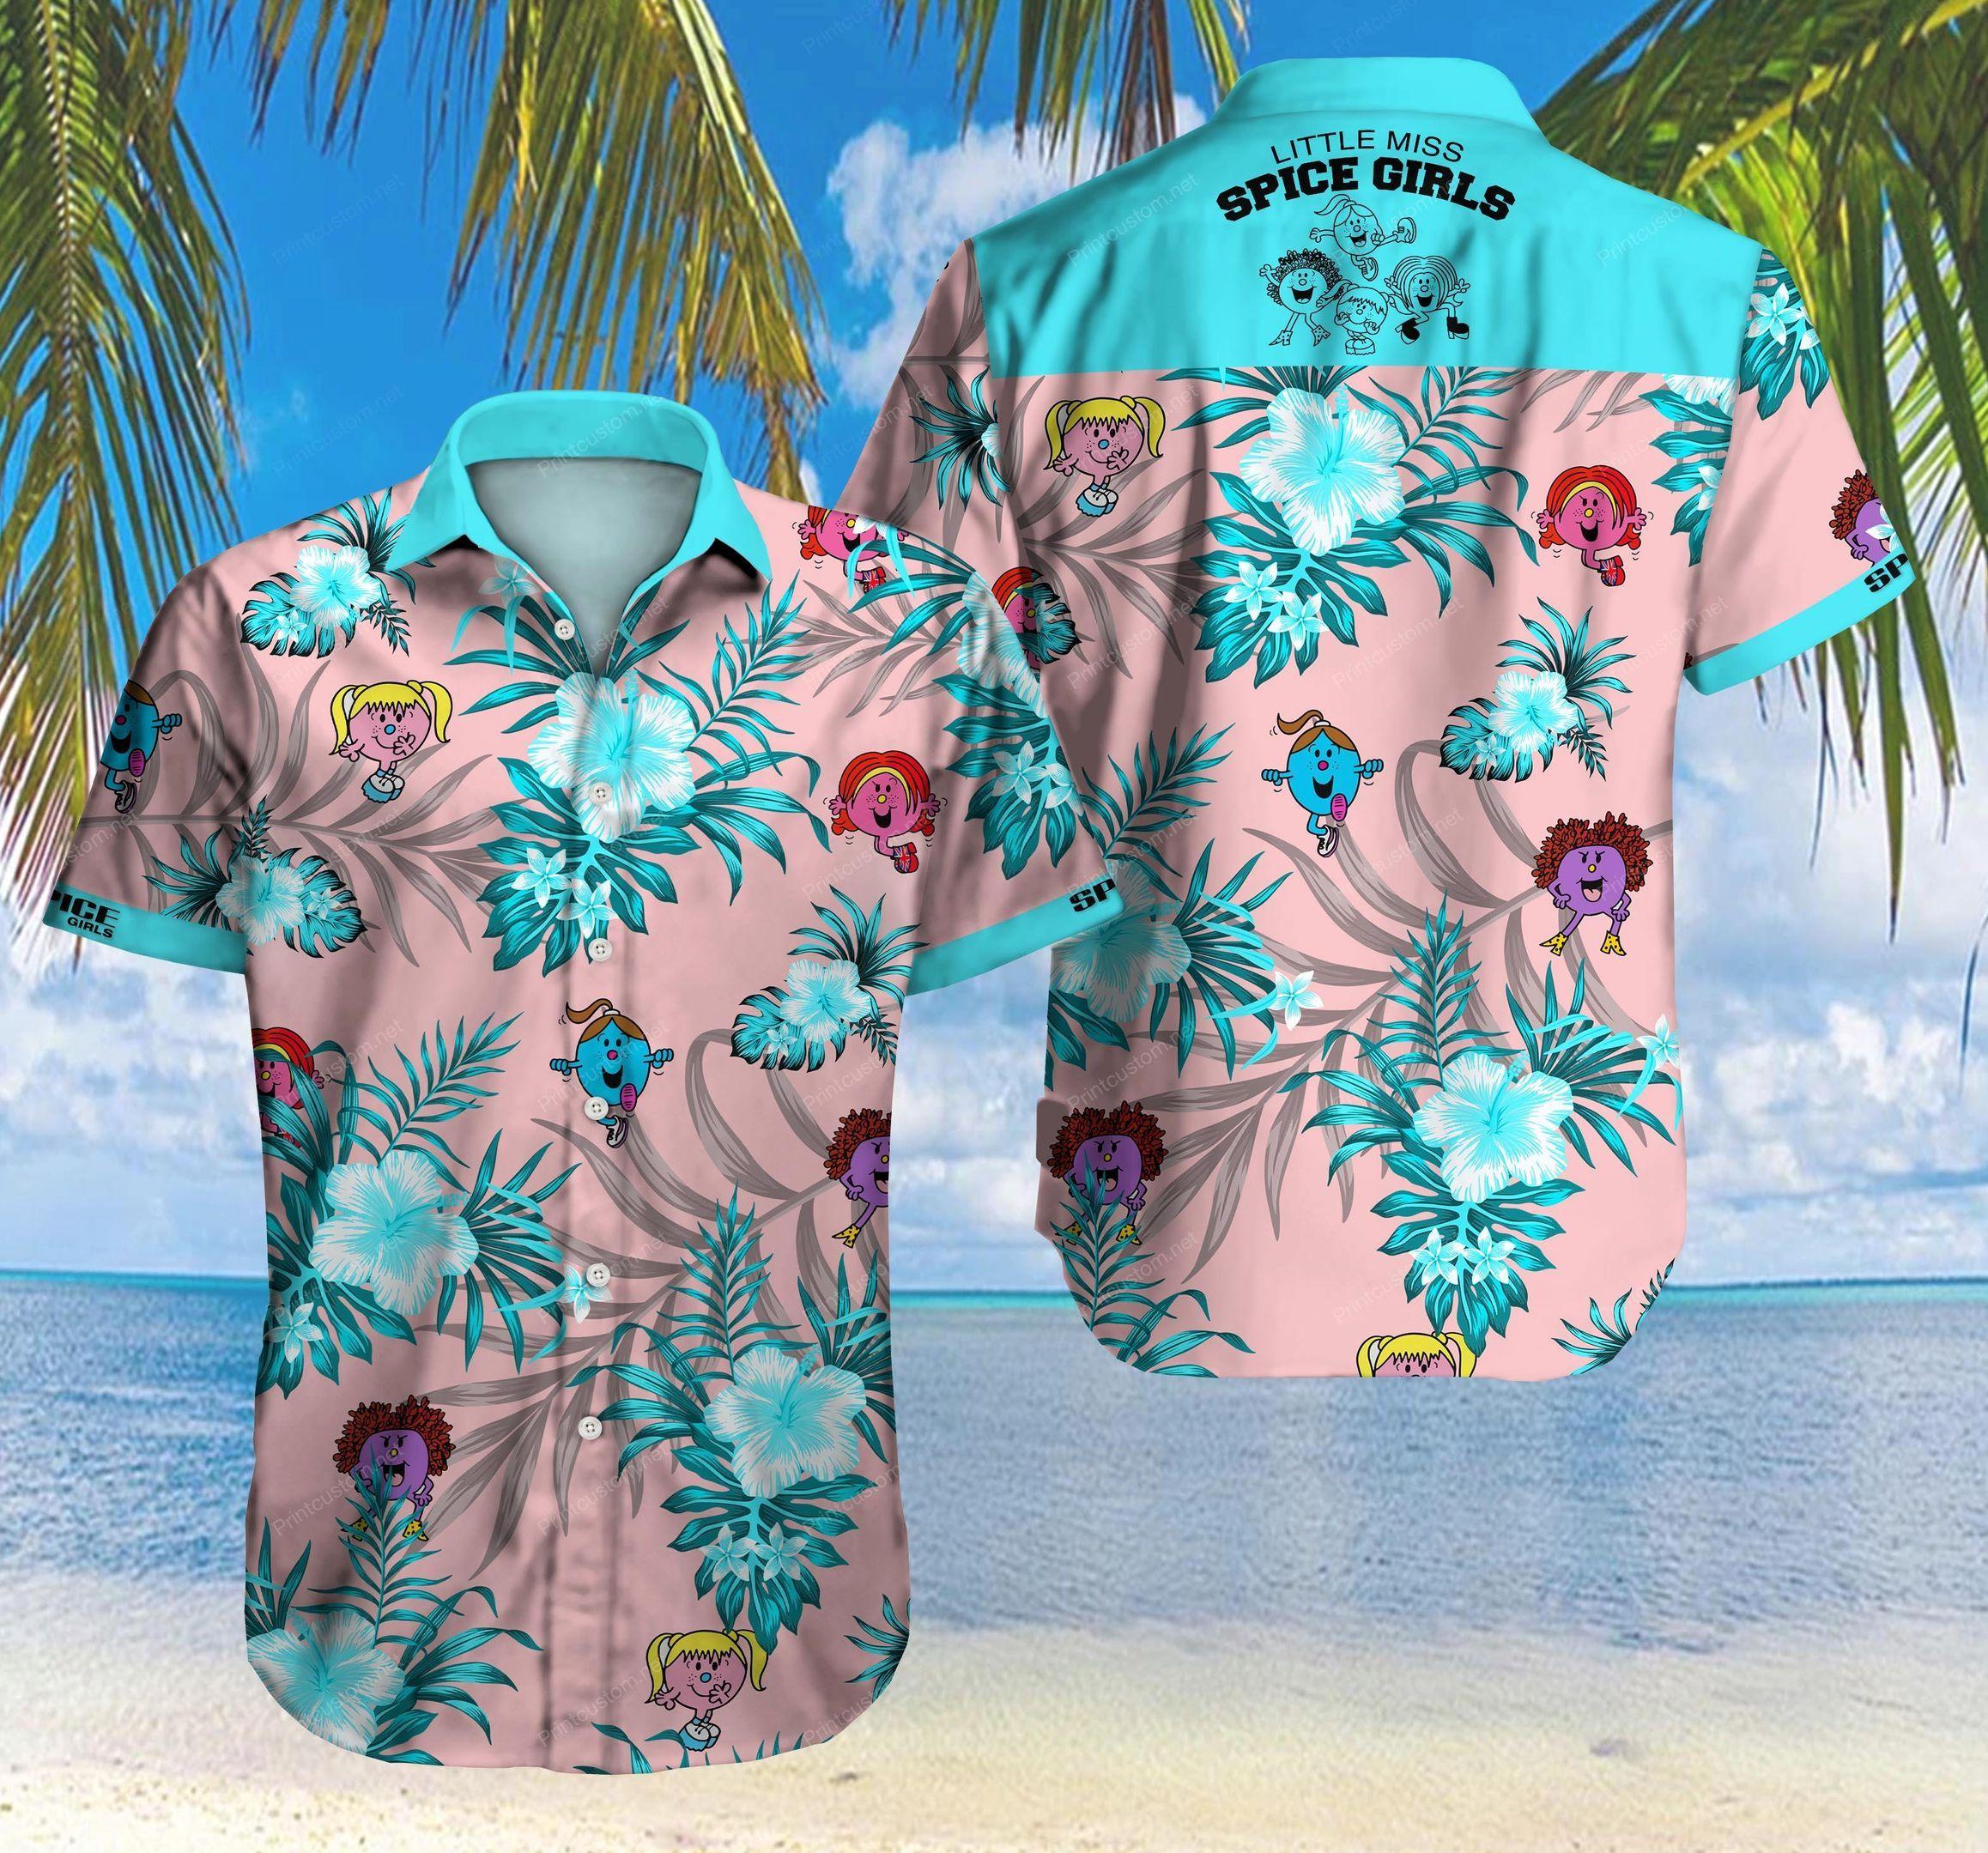 Spice Girls Little Miss Hawaii Shirt Summer